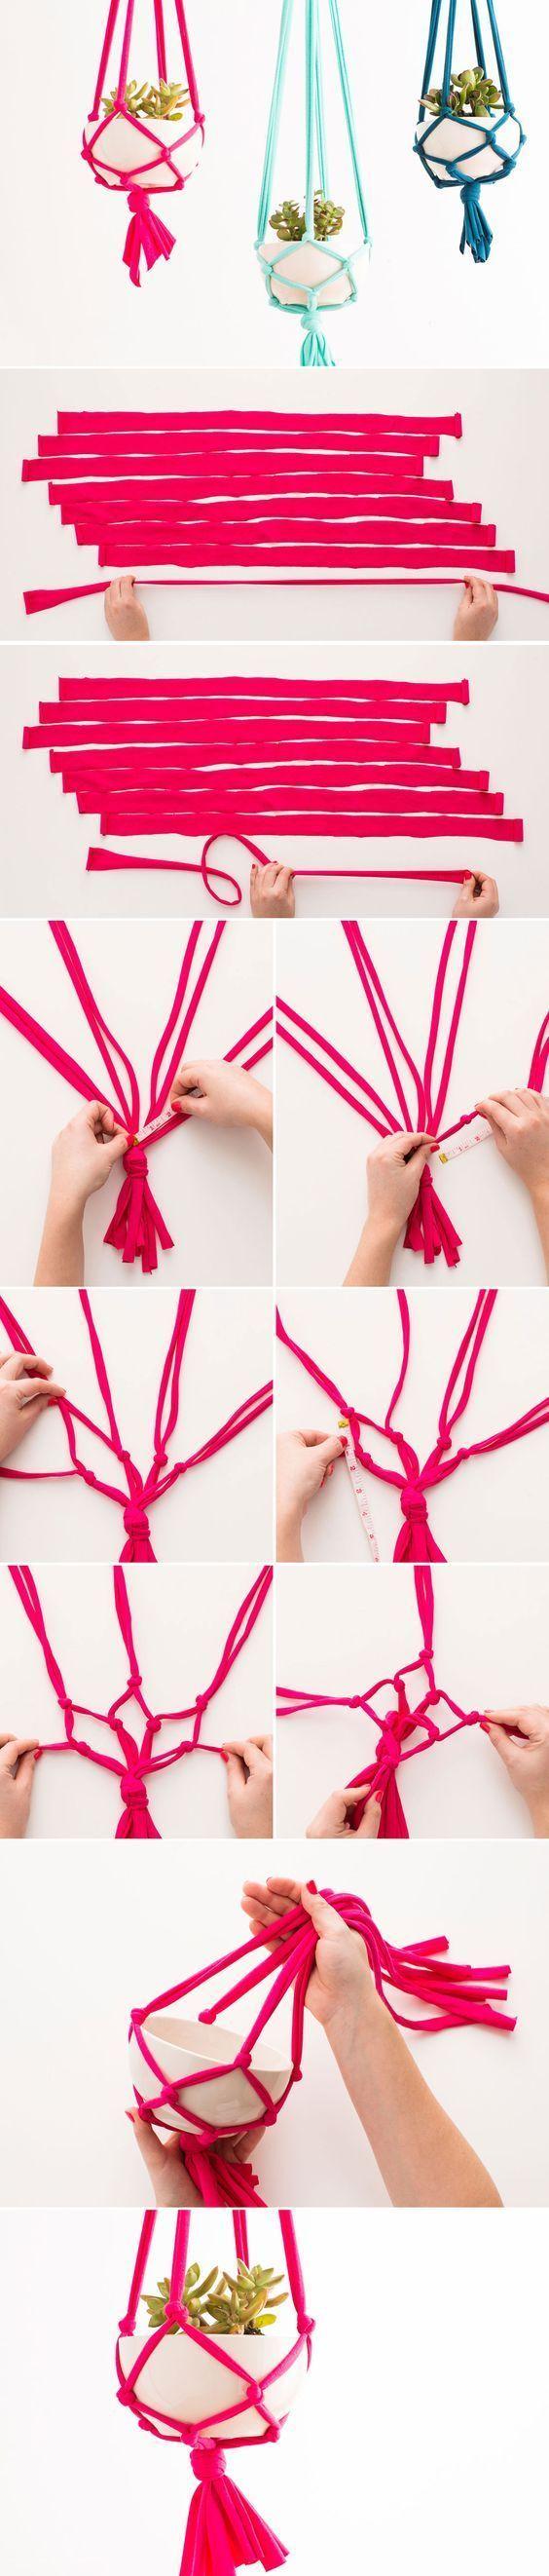 Aprenda a fazer suportes suspensos para plantas usando cordões